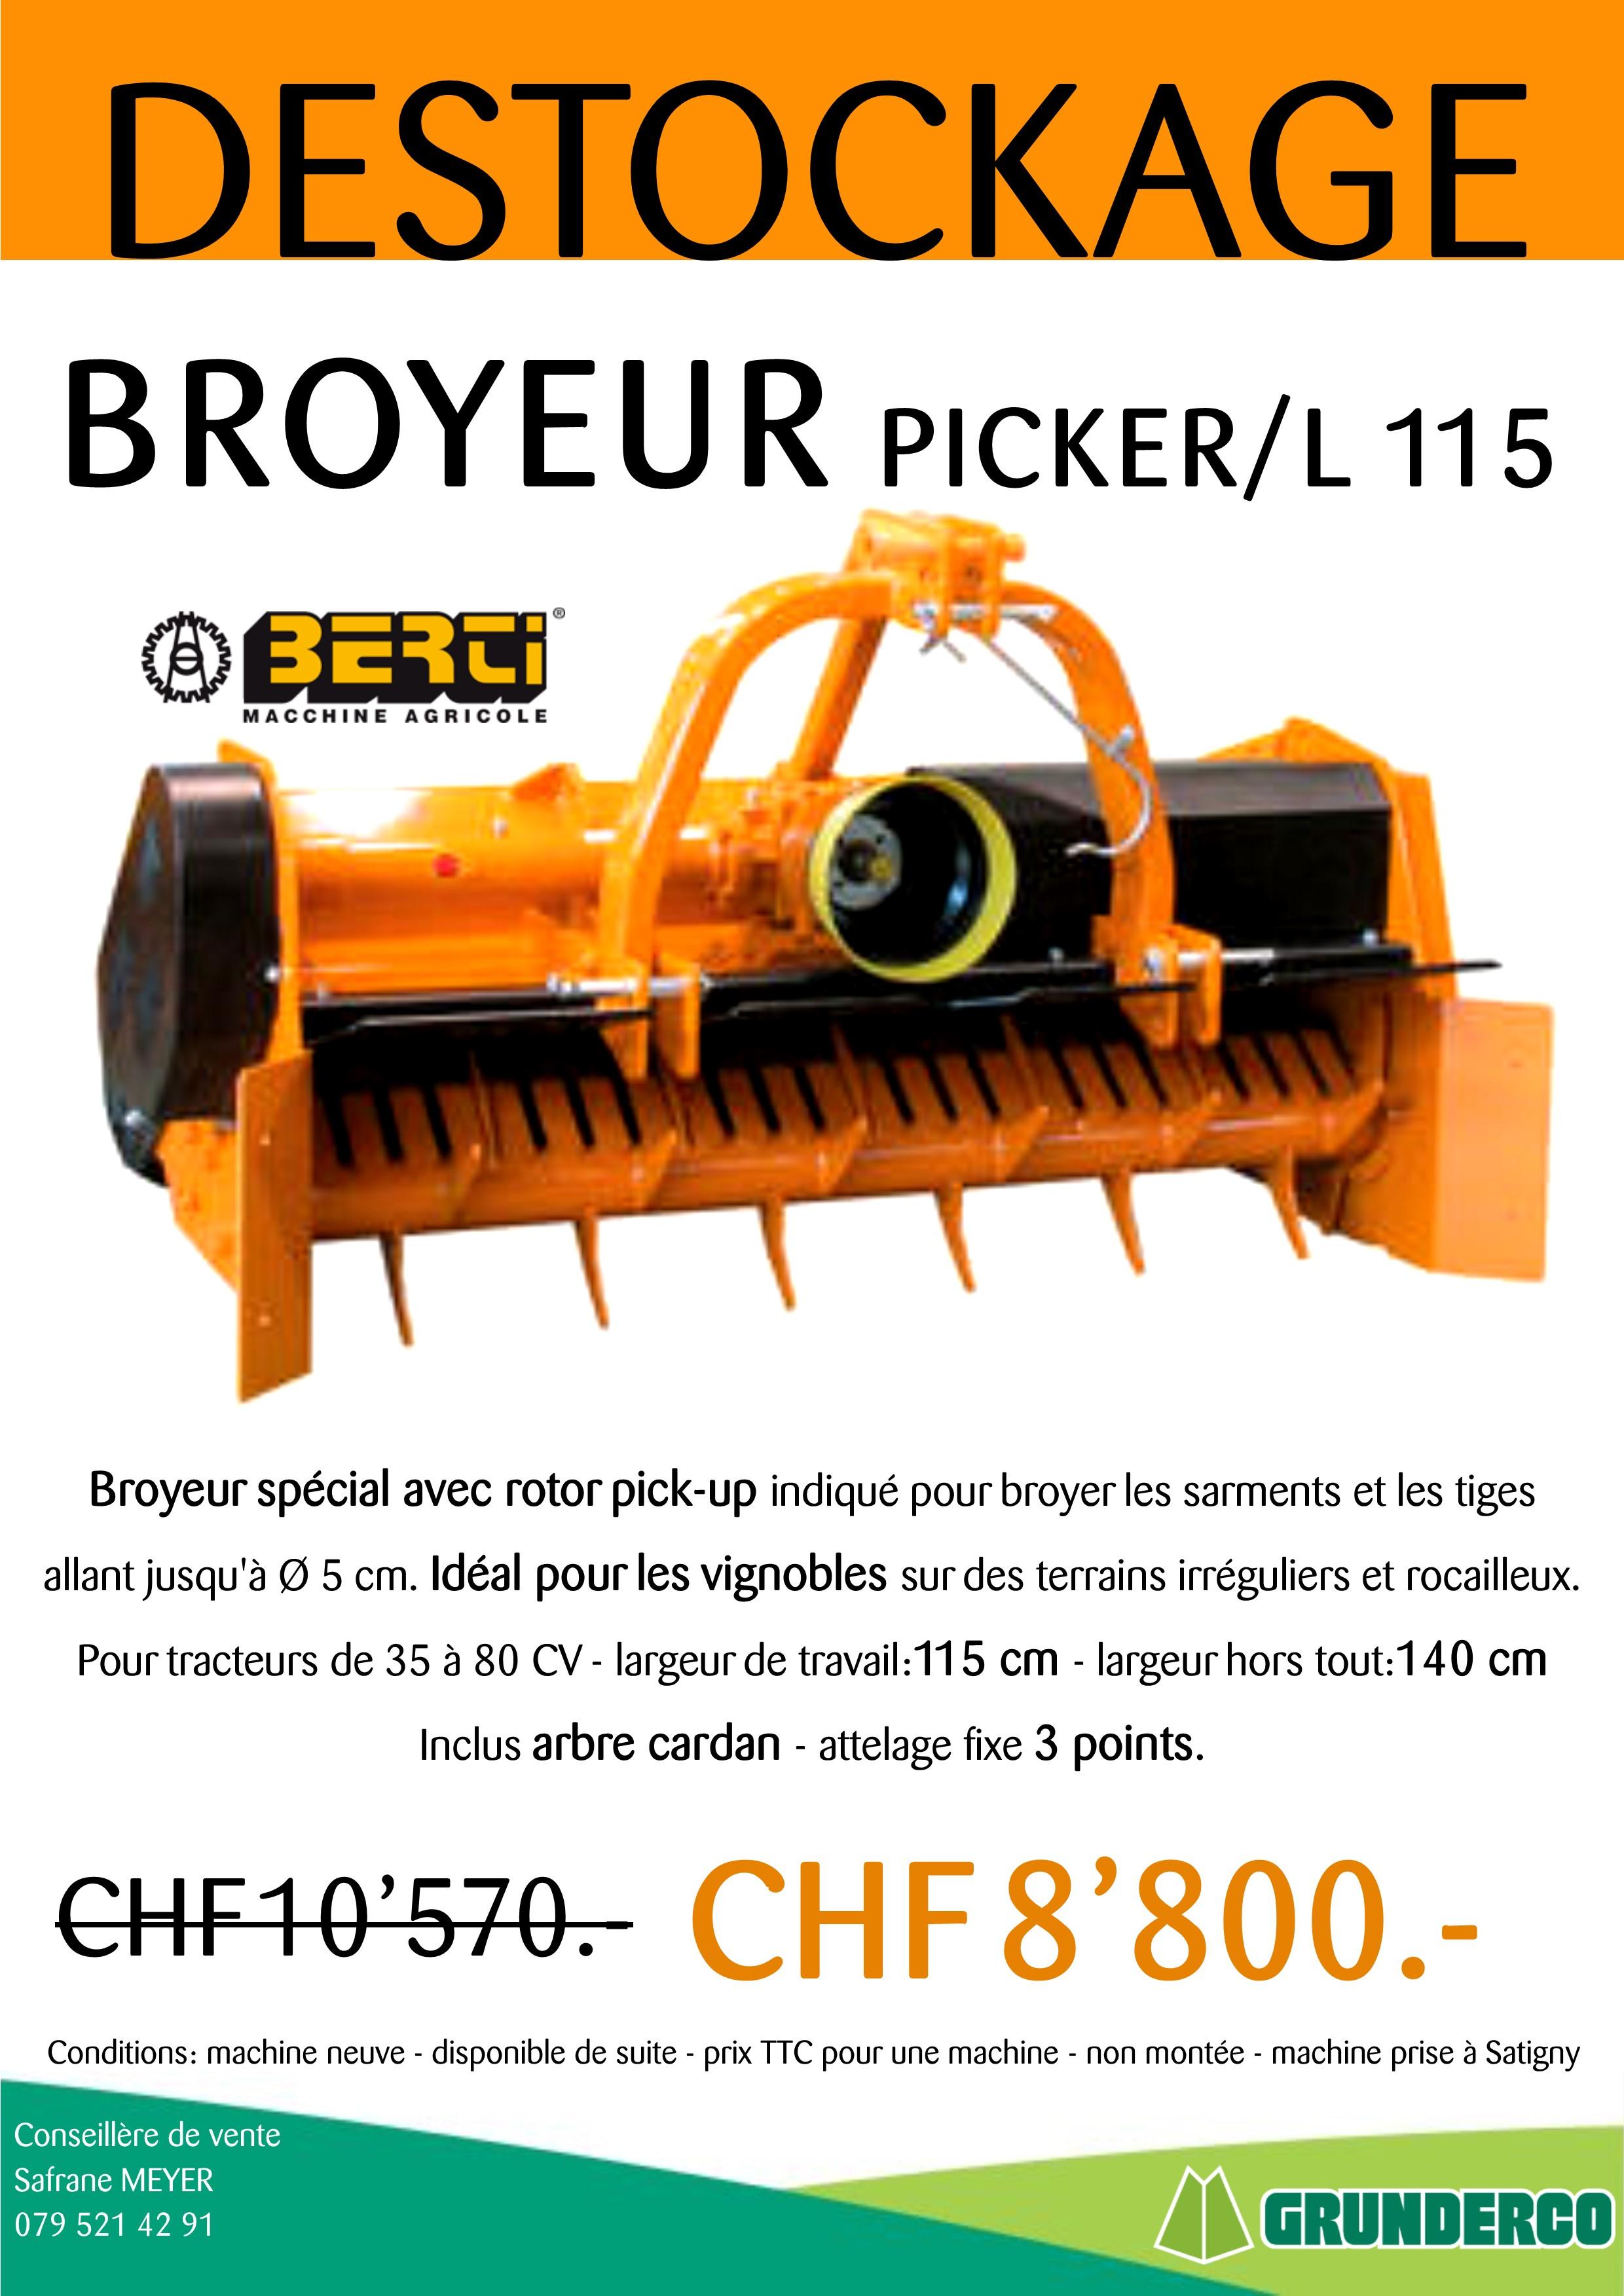 BROYEUR - PICKER/L115